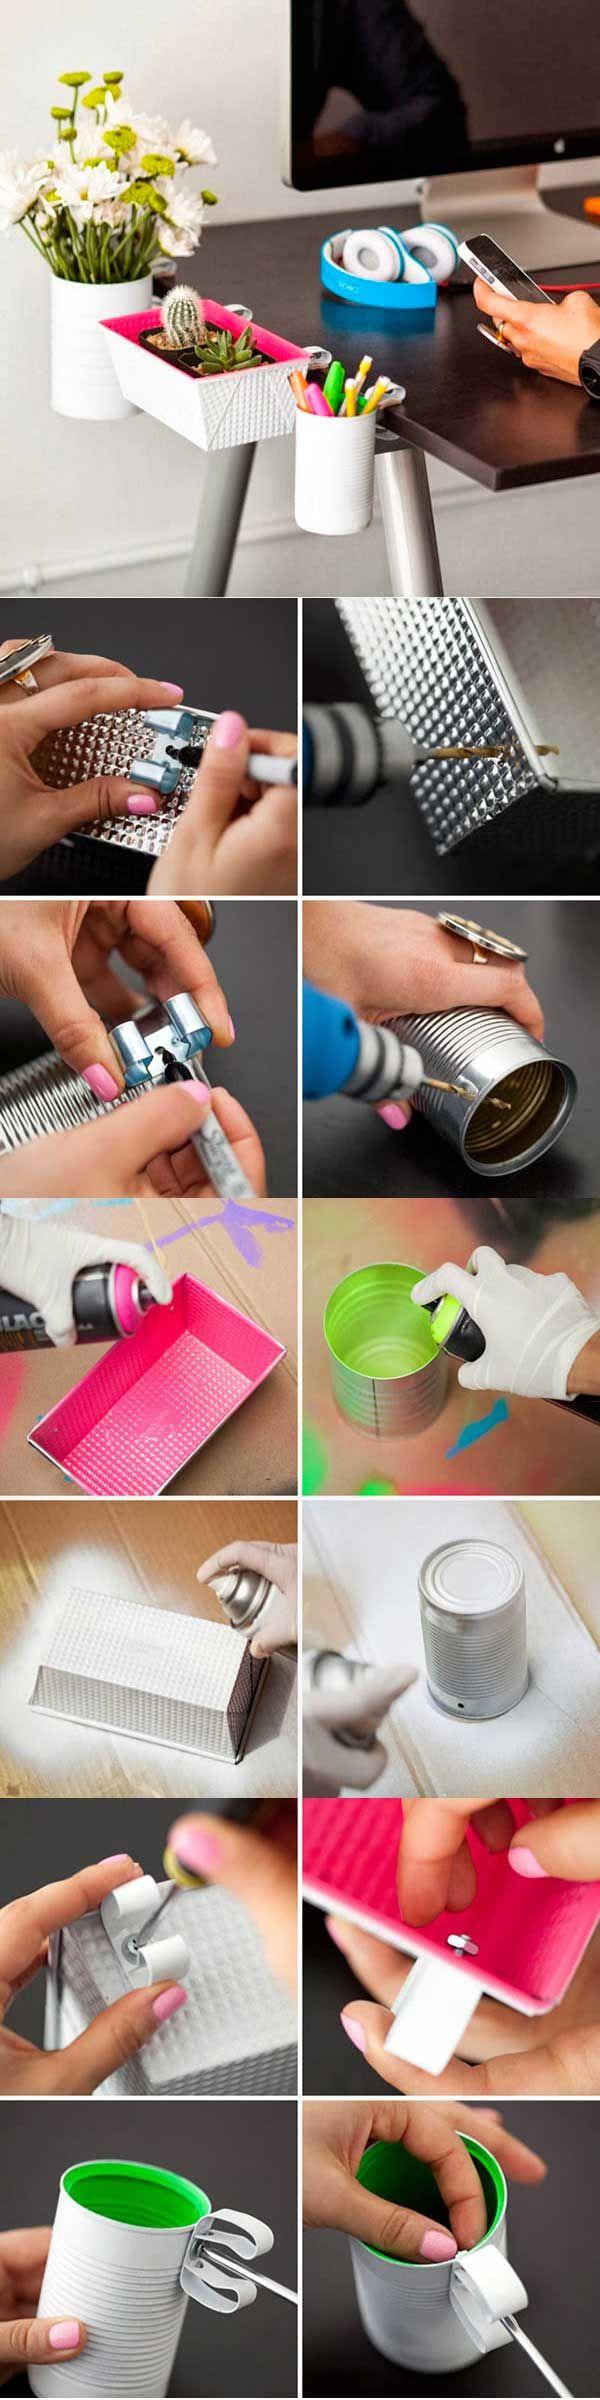 Simples, fácil e prático. Bora botar a mão na massa e fzr essas fofuras?!⭐⭐